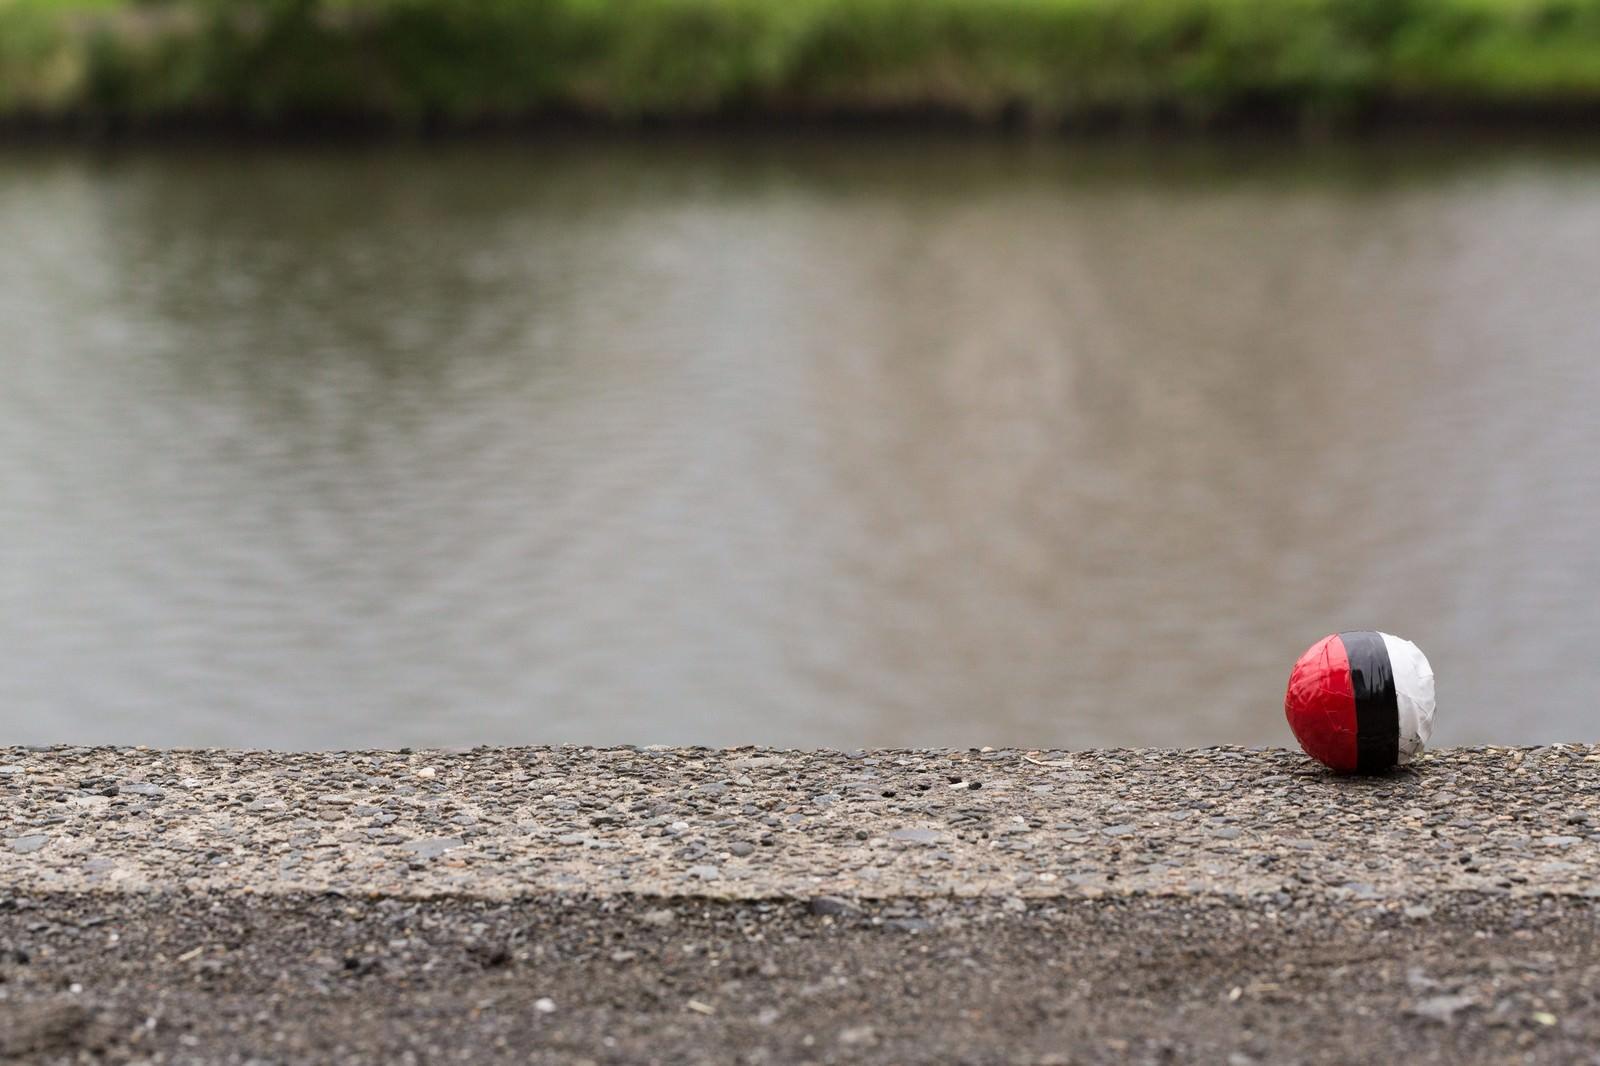 「水辺に落ちていた紅白ボールをゲット」の写真